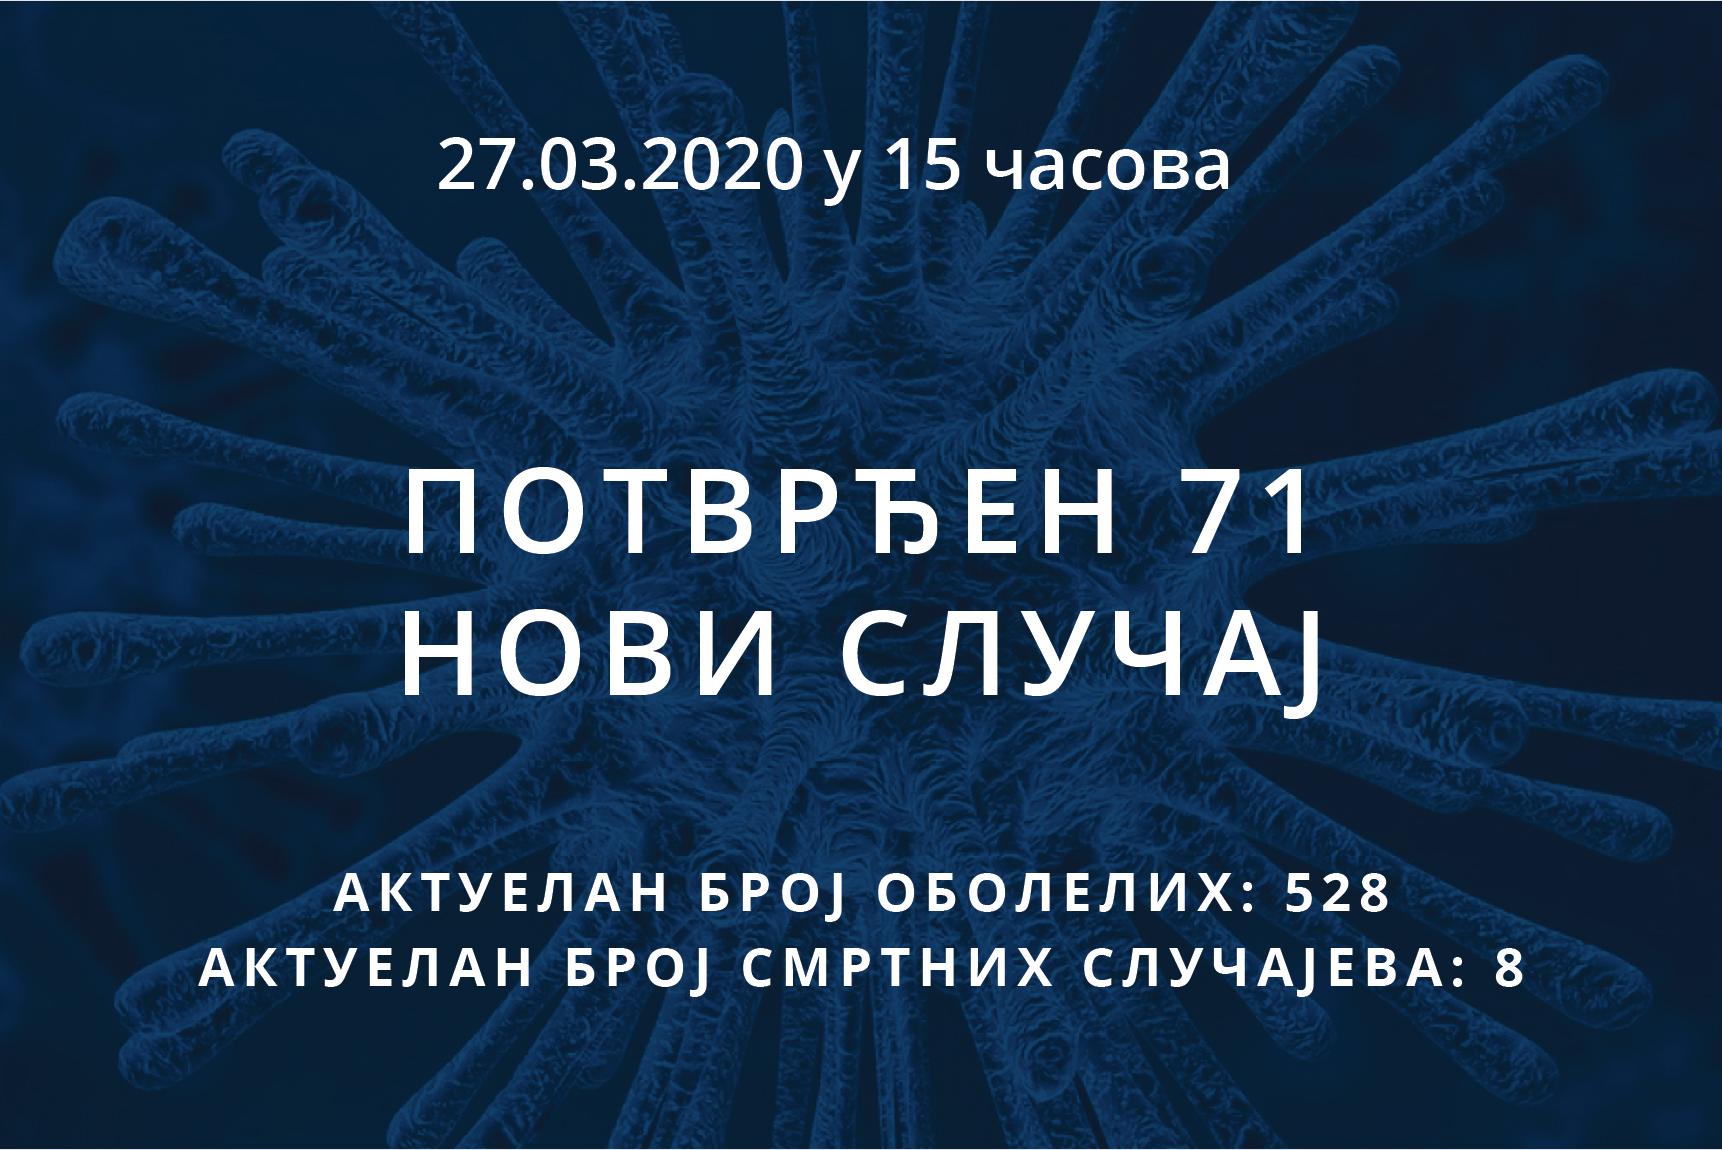 Информације о корона вирусу COVID-19, 27.03.2020 у 15 часова